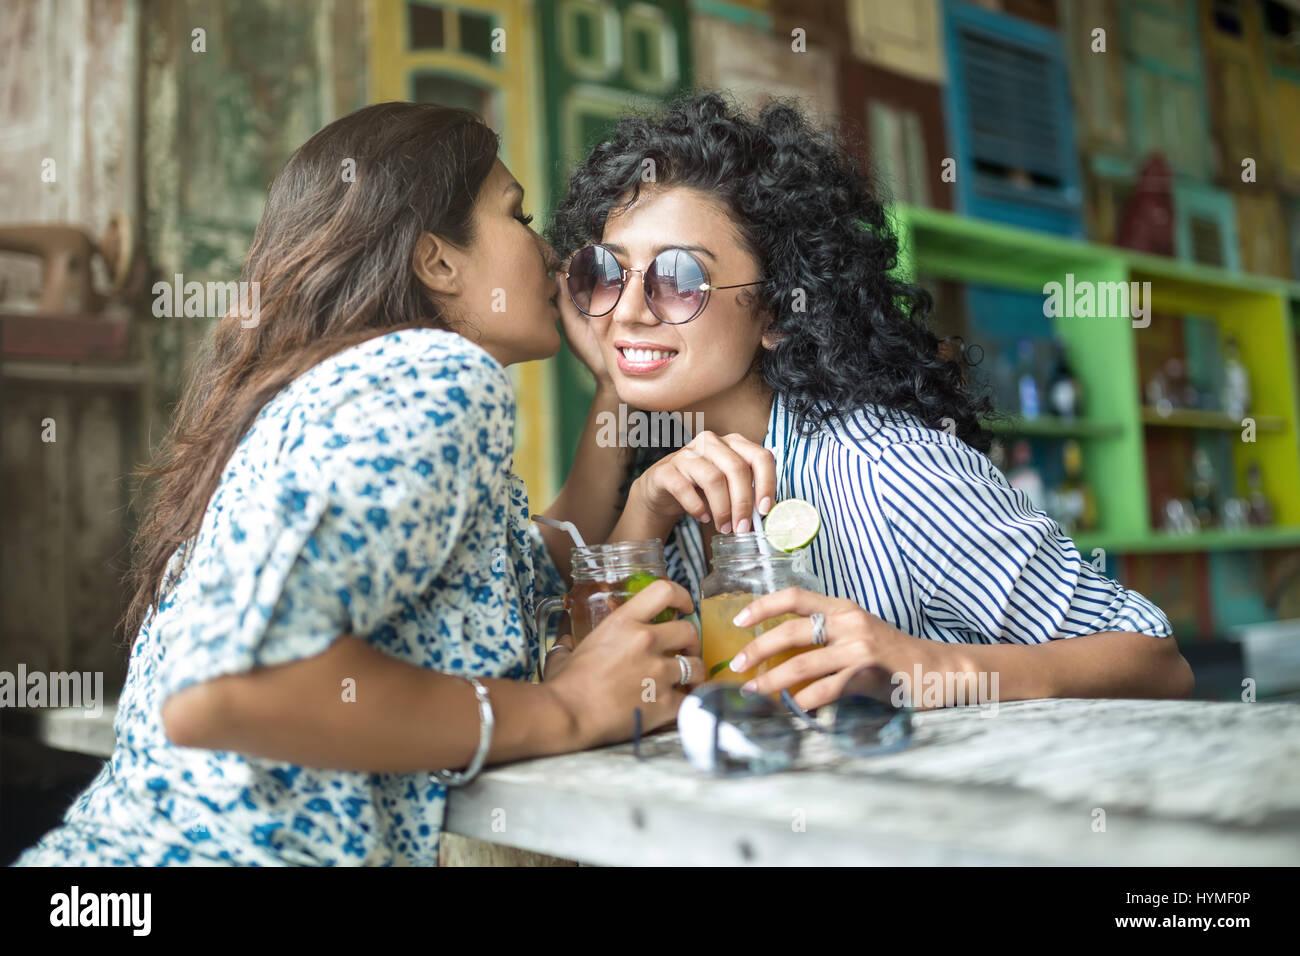 Asiatische Mädchen in der Bar Stockbild